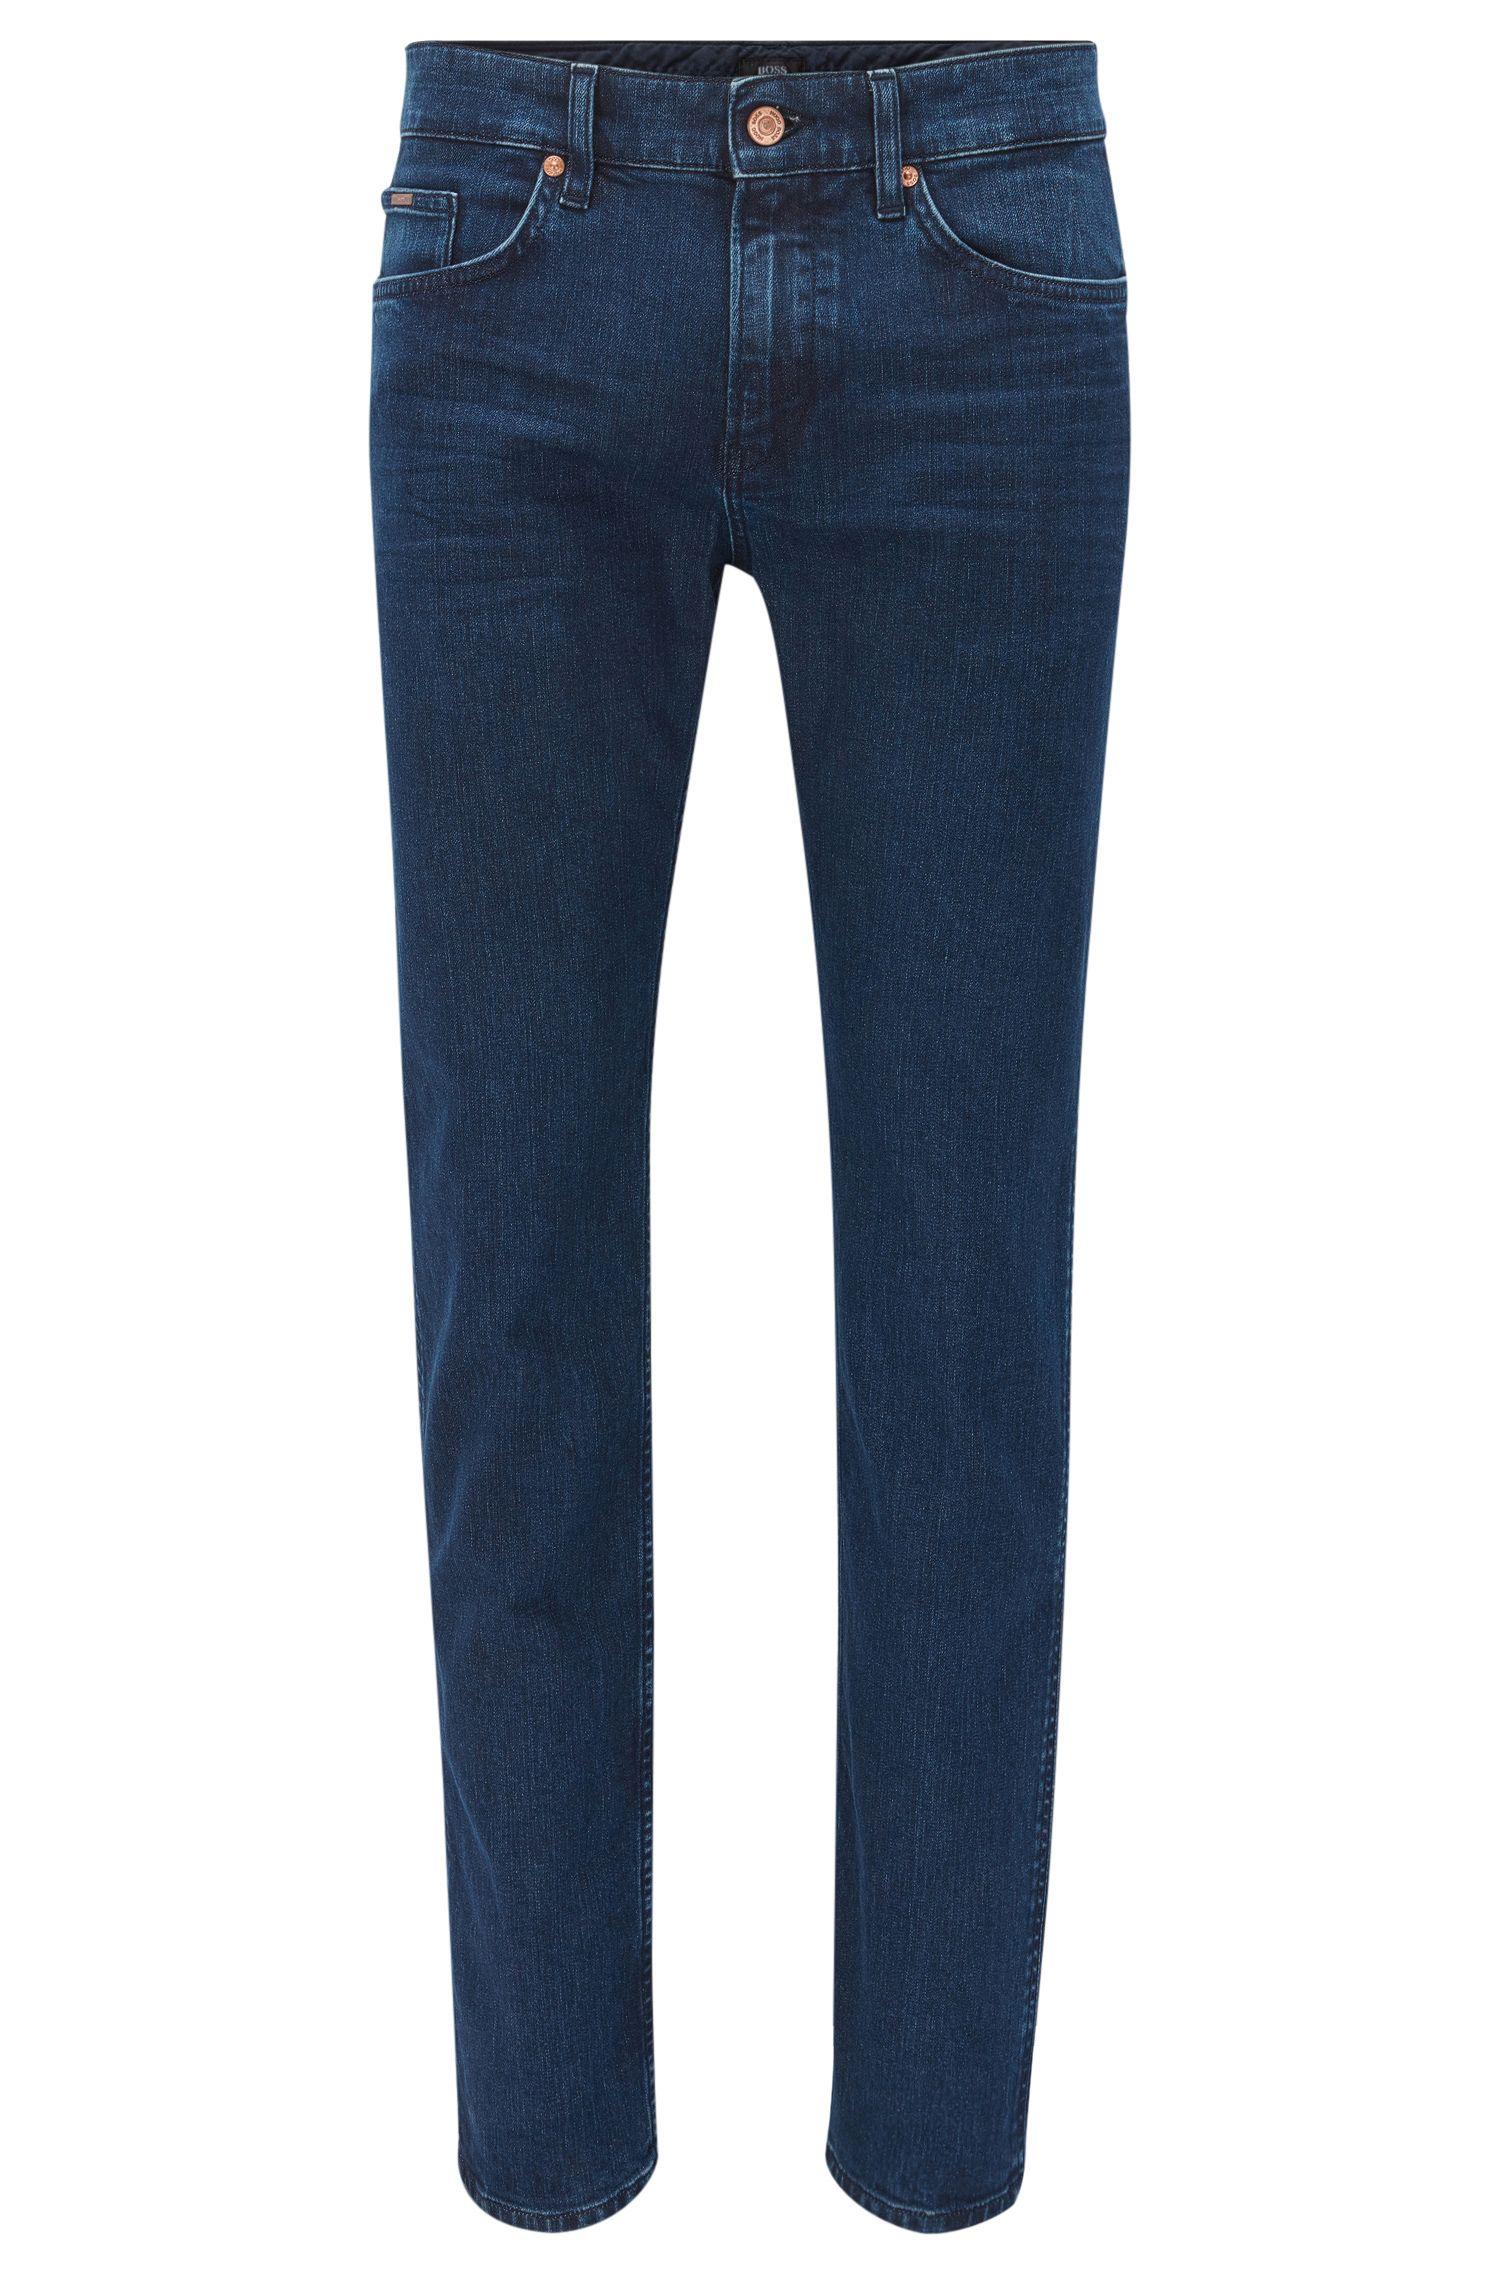 Dark indigo slim-fit jeans in mid-washed stretch denim